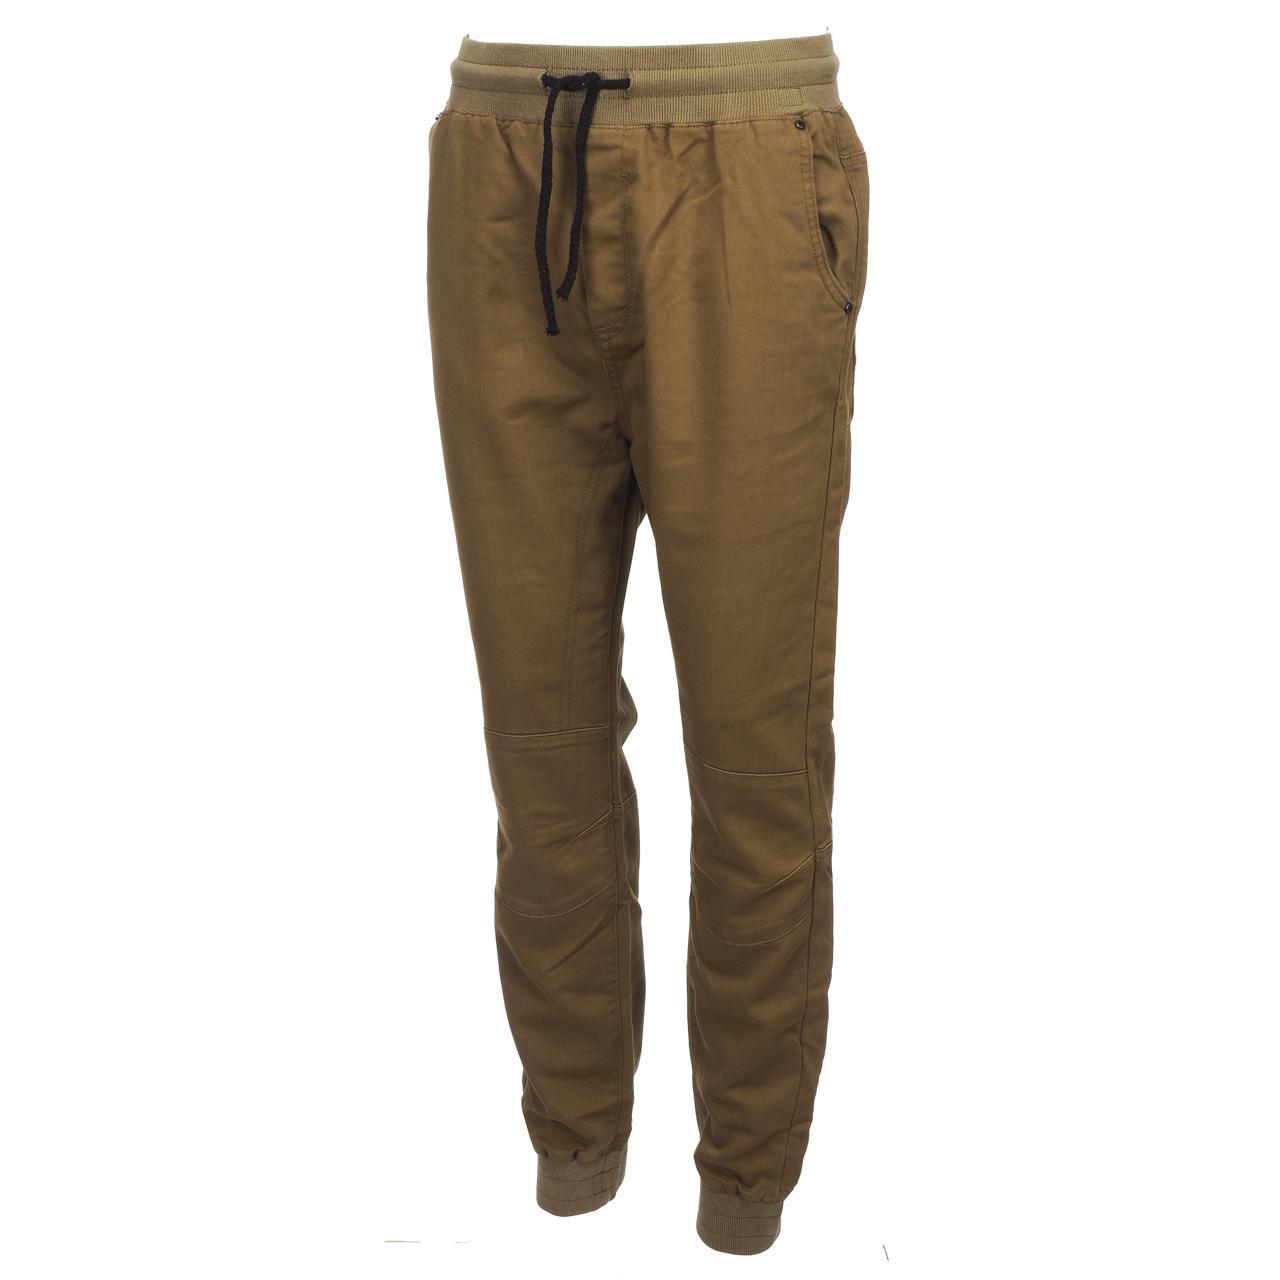 Hose-Jeans-Blend-Jogg-Jeans-32-Burnt-Olive-Brown-59093-Neu